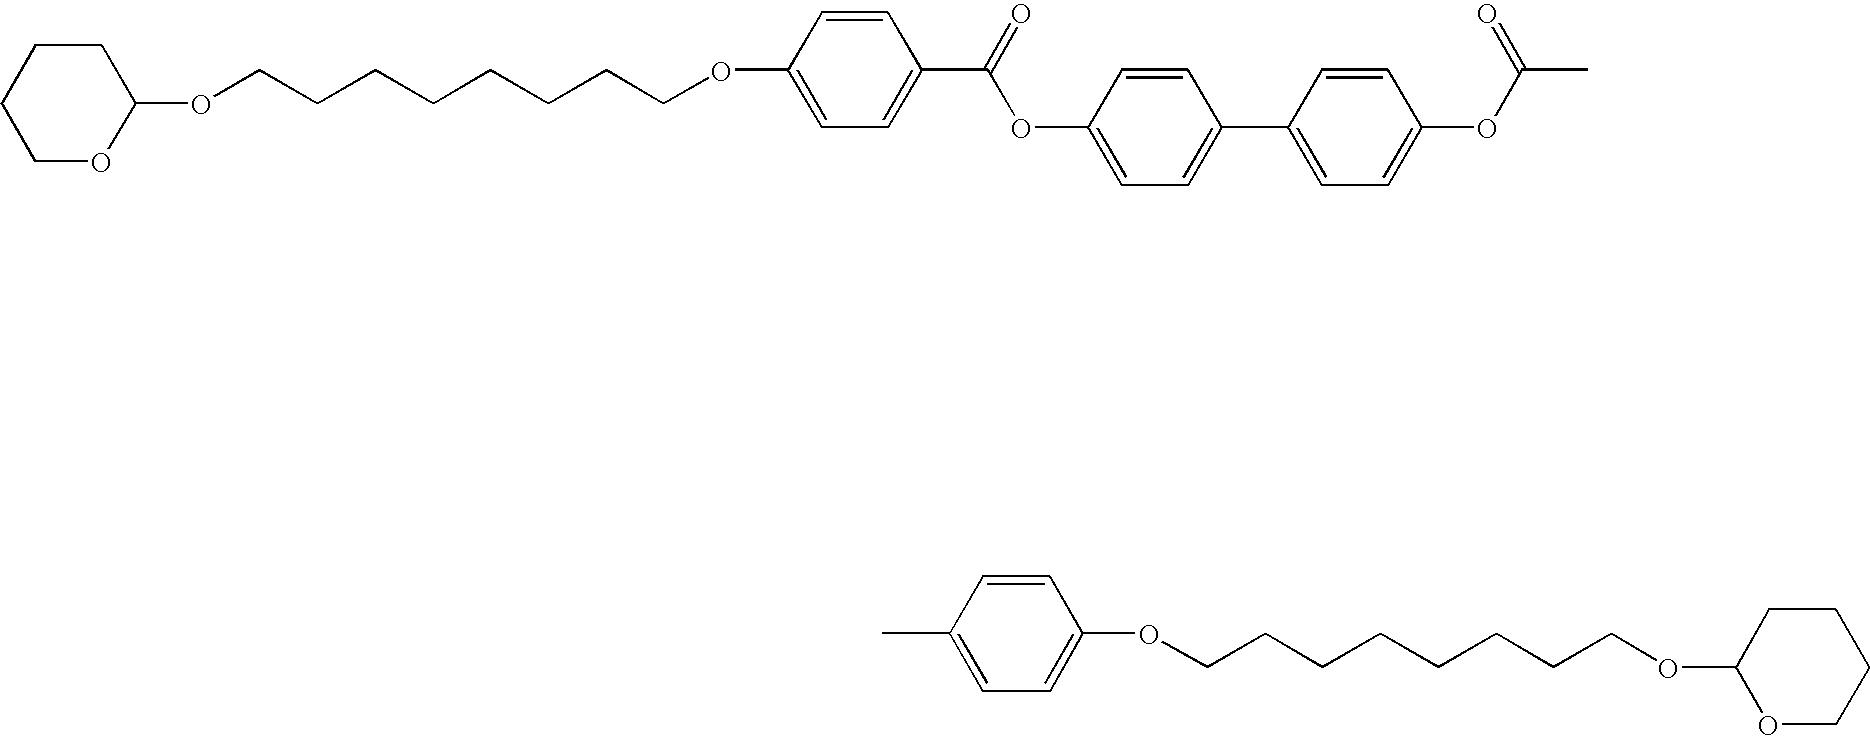 Figure US20100014010A1-20100121-C00080